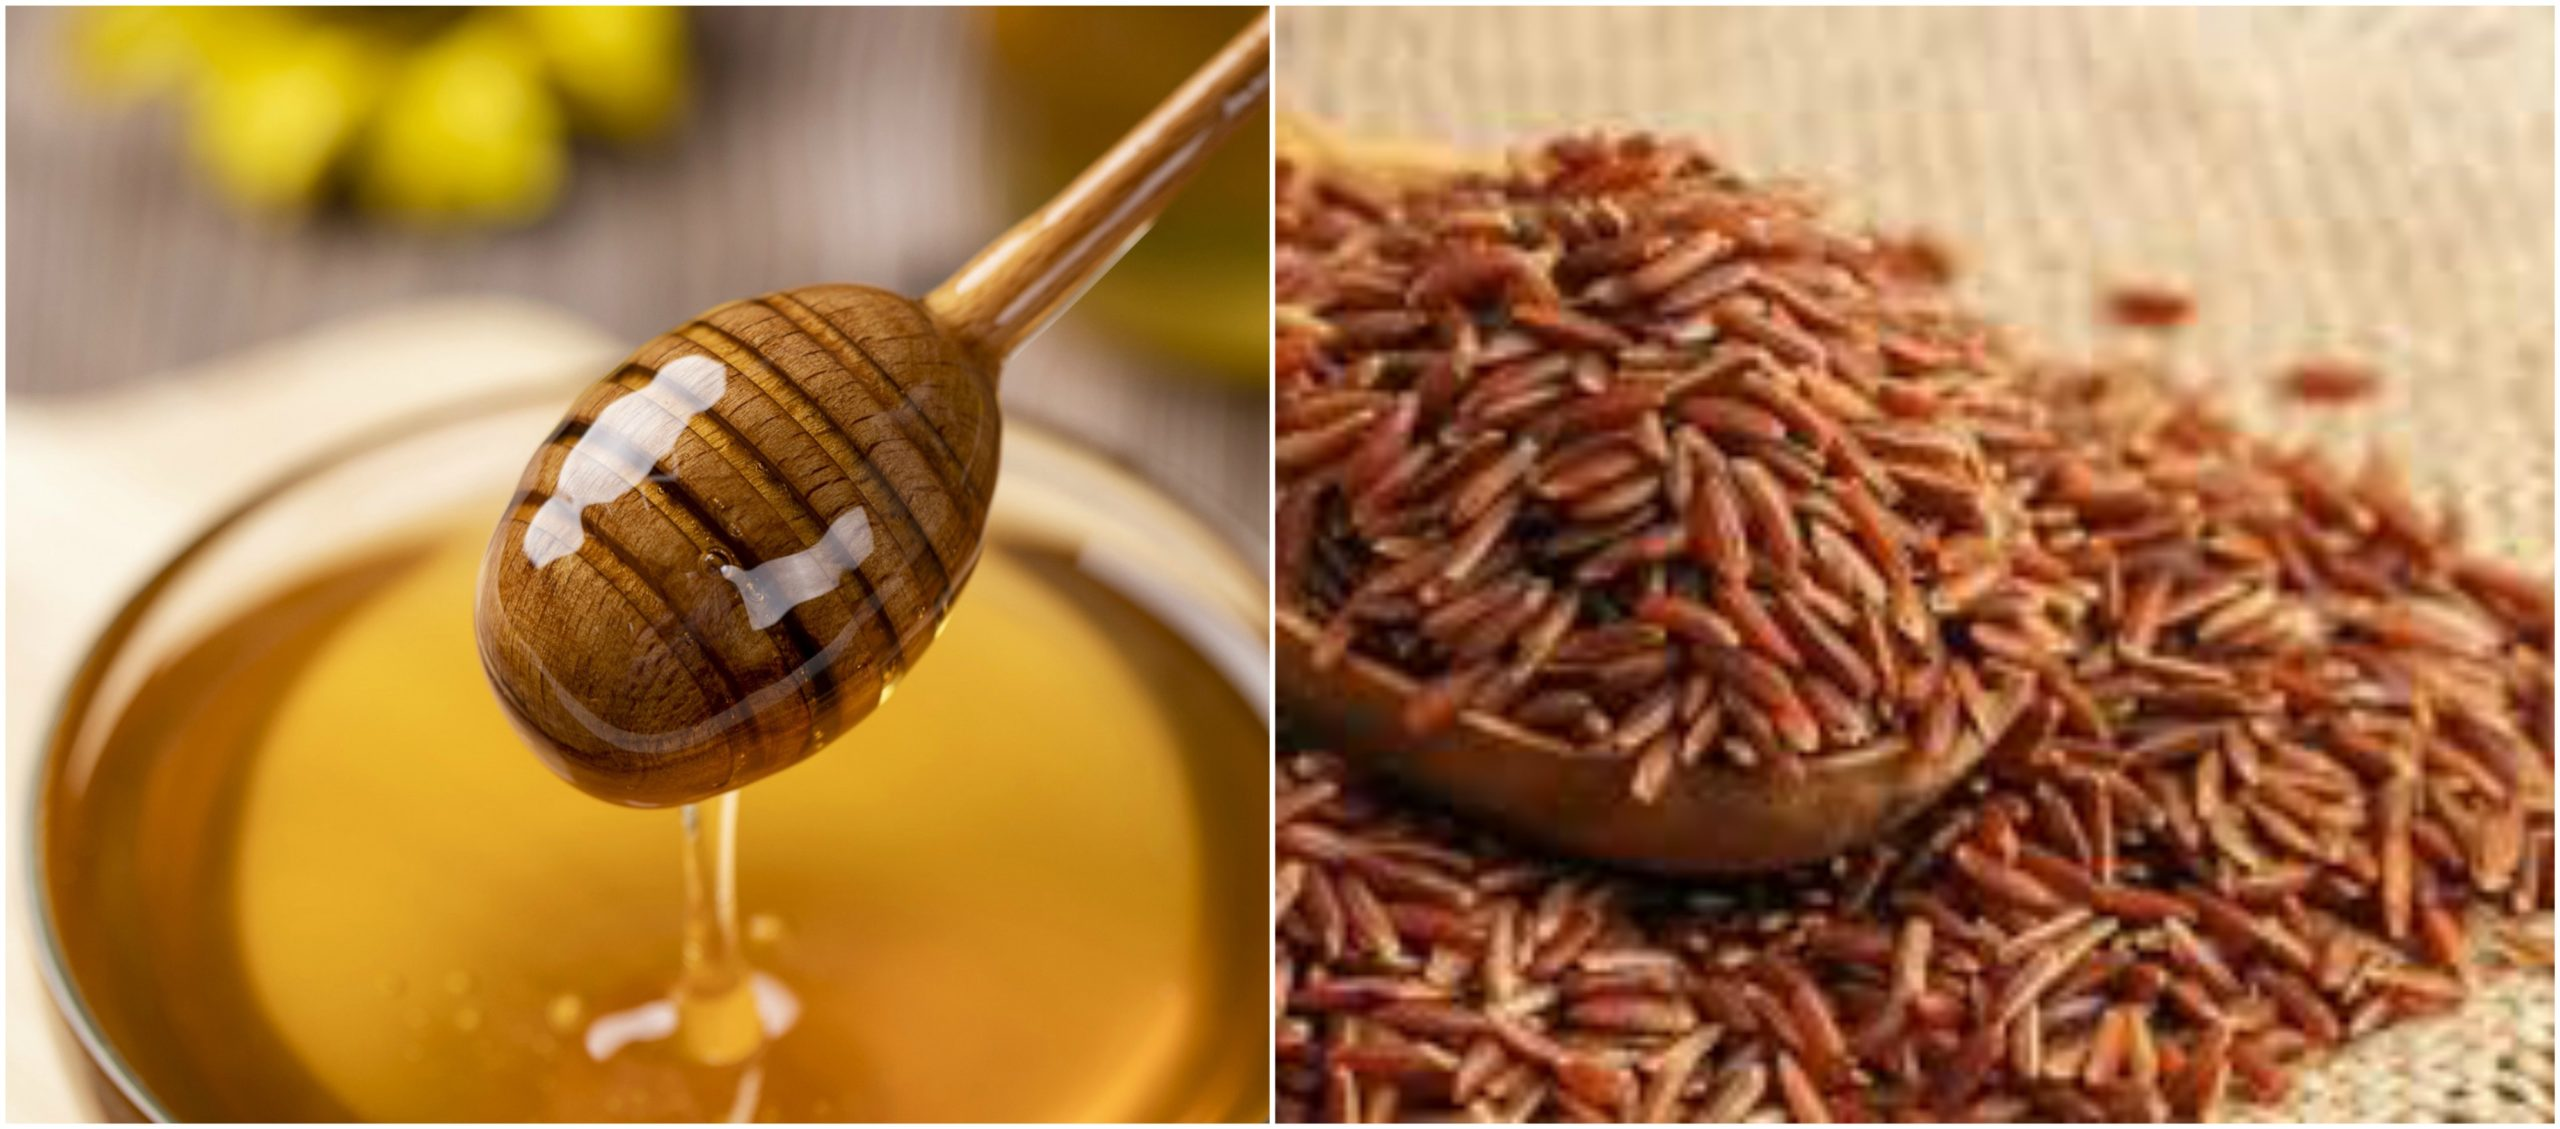 """Mật ong có nhiều chất ngọt hơn đường kính và có các tính chất hóa học hấp dẫn cho việc làm bánh, thức uống và làm thuốc chữa bệnh.[2] Mật ong có hương riêng biệt nên nhiều người thích ăn mật ong hơn đường và các chất ngọt khác.Gạo lứt, còn gọi là gạo rằn, gạo lật là loại gạo chỉ xay bỏ vỏ trấu, chưa được xát bỏ lớp cám gạo. Đây là loại gạo rất giàu dinh dưỡng đặc biệt là các sinh tố và nguyên tố vi lượng. Do trong phương ngôn tiếng Việt Nam Bộ """"lứt"""" và """"lức"""" đồng âm, đều được đọc là /lɨk/ nên gạo lứt còn được viết là """"gạo lức""""."""